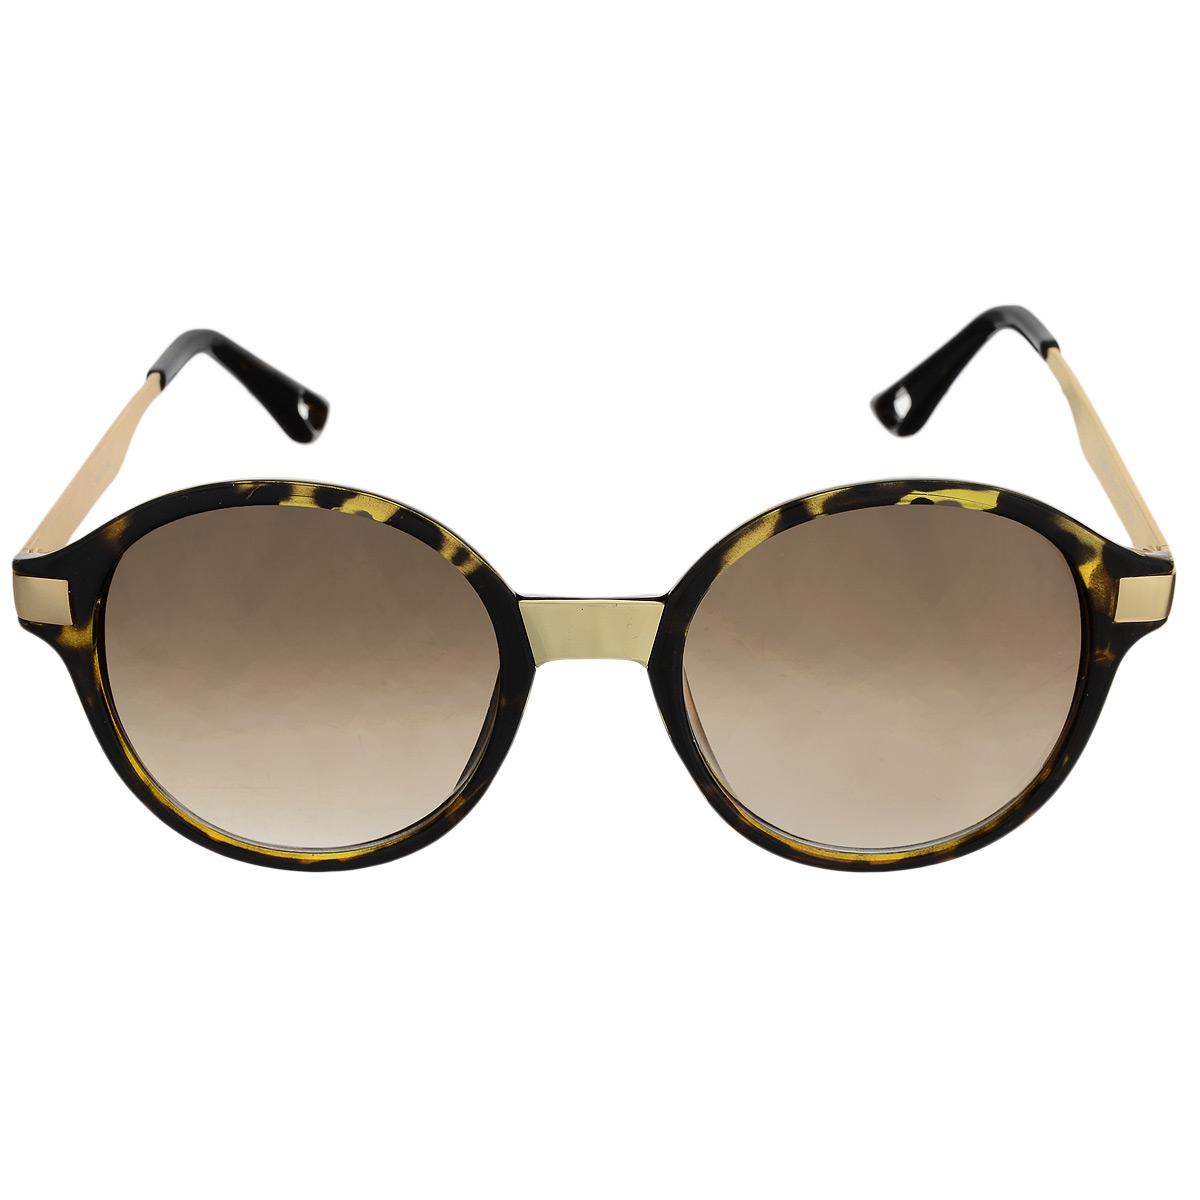 Солнцезащитные очки женские Selena, цвет: коричневый, золотой. 8003100180031001Солнцезащитные женские очки Selena, выполненные с линзами из высококачественного пластика PC с зеркальным эффектом fresh mirror, оправа оформлена принтом леопард. Используемый пластик не искажает изображение, не подвержен нагреванию и вредному воздействию солнечных лучей. Линзы данных очков с высокоэффективным UV-фильтром обеспечивают полную защиту от ультрафиолетовых лучей. Металлическая оправа очков легкая, прилегающей формы и поэтому не создает никакого дискомфорта. Такие очки защитят глаза от ультрафиолетовых лучей, подчеркнут вашу индивидуальность и сделают ваш образ завершенным.